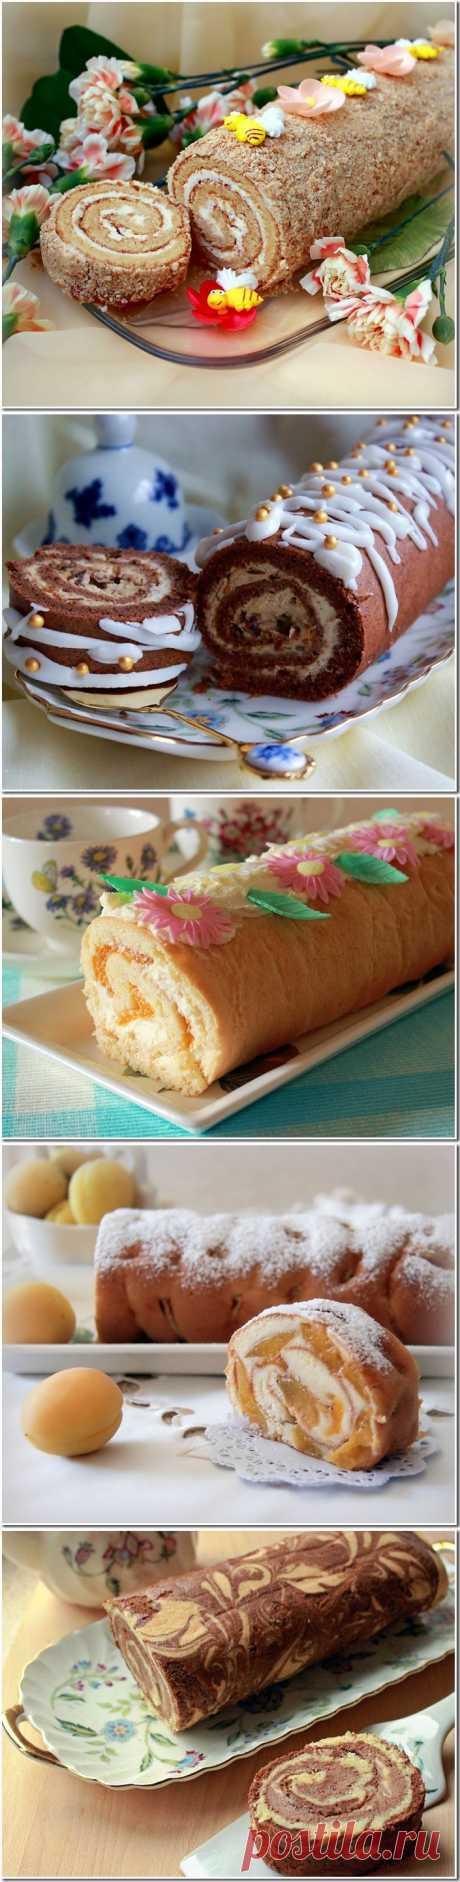 Десять рецептов вкуснейших домашних бисквитных рулетов.